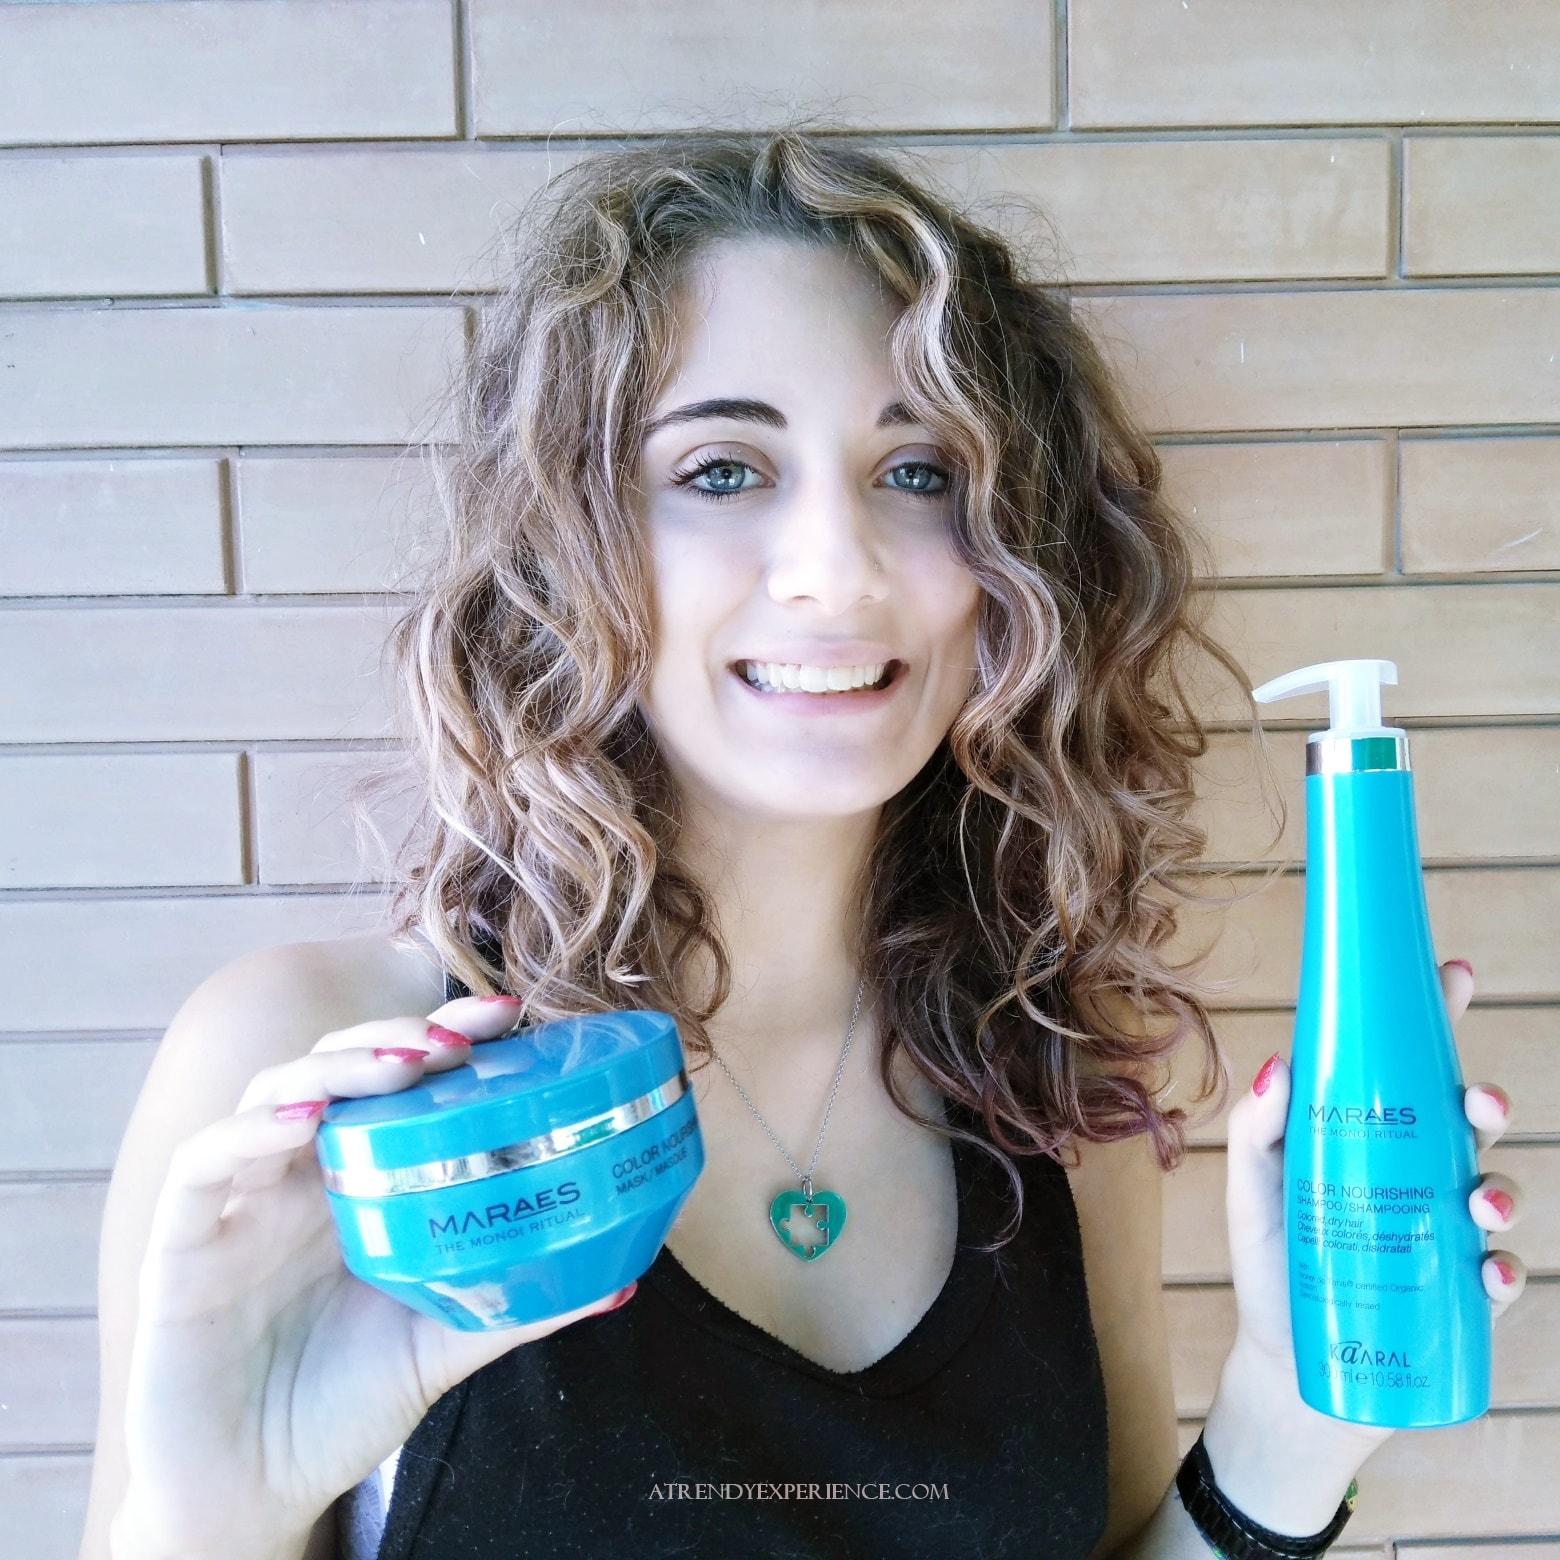 Kaaral Maraes Color Nourishing Shampoo e maschera